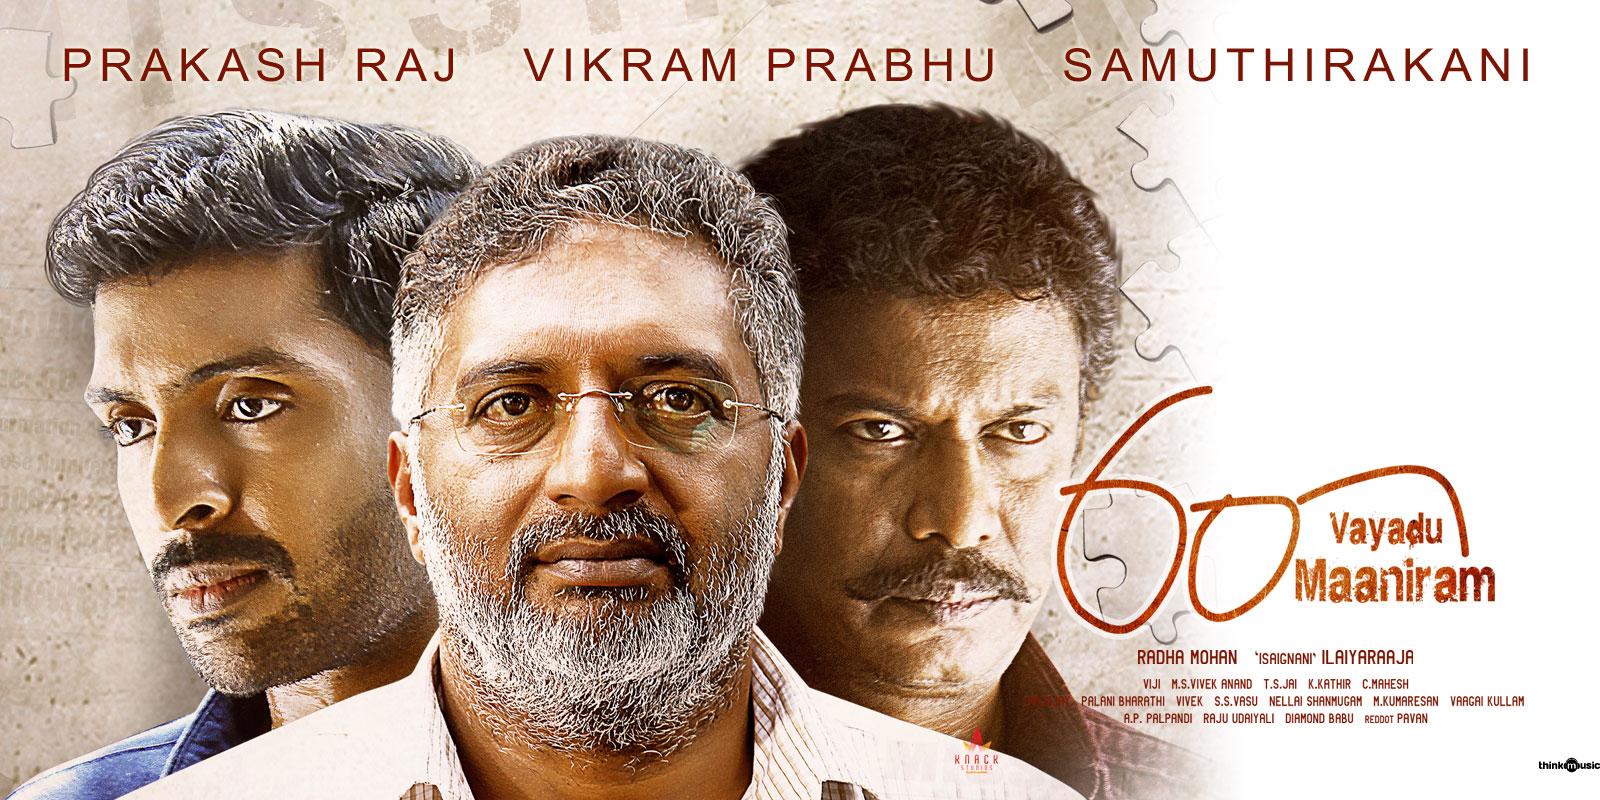 Samuthirakani Prakash Raj Vikram Prabhu 60 Vayadu Maaniram Movie Review